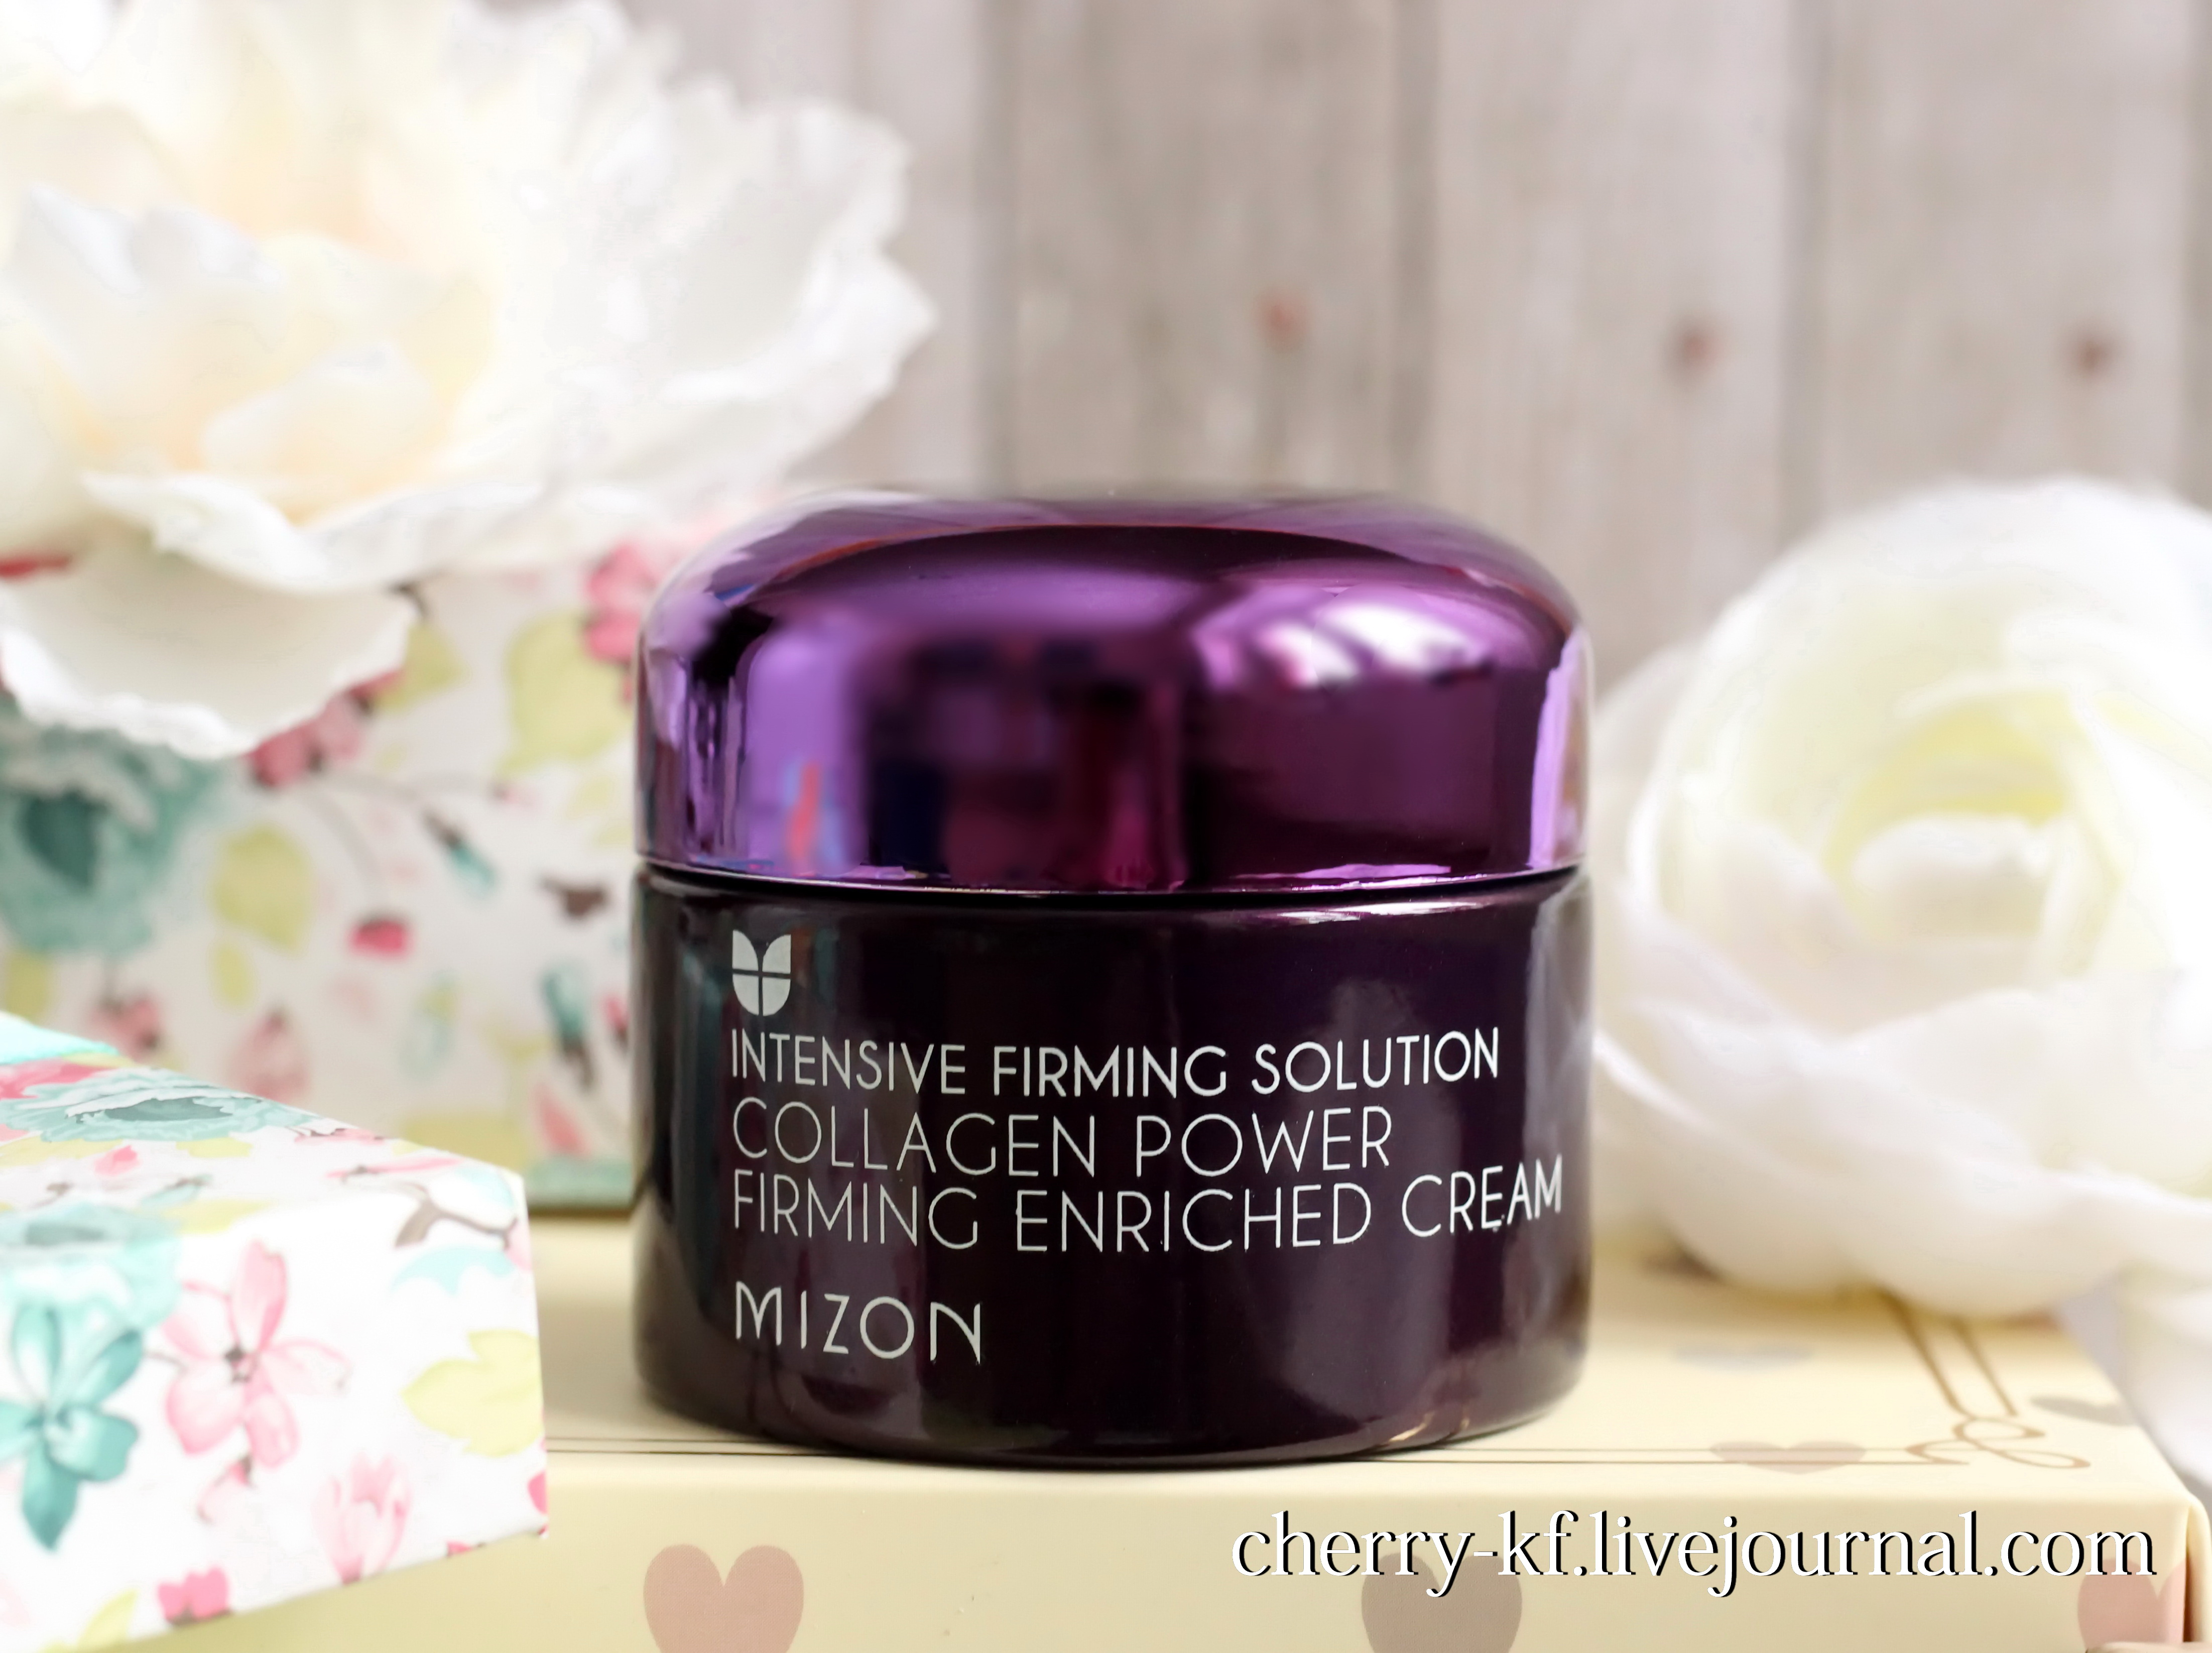 Mizon, Collagen Power Firming Enriched Cream, отзывы, мизон с коллагеном.jpg